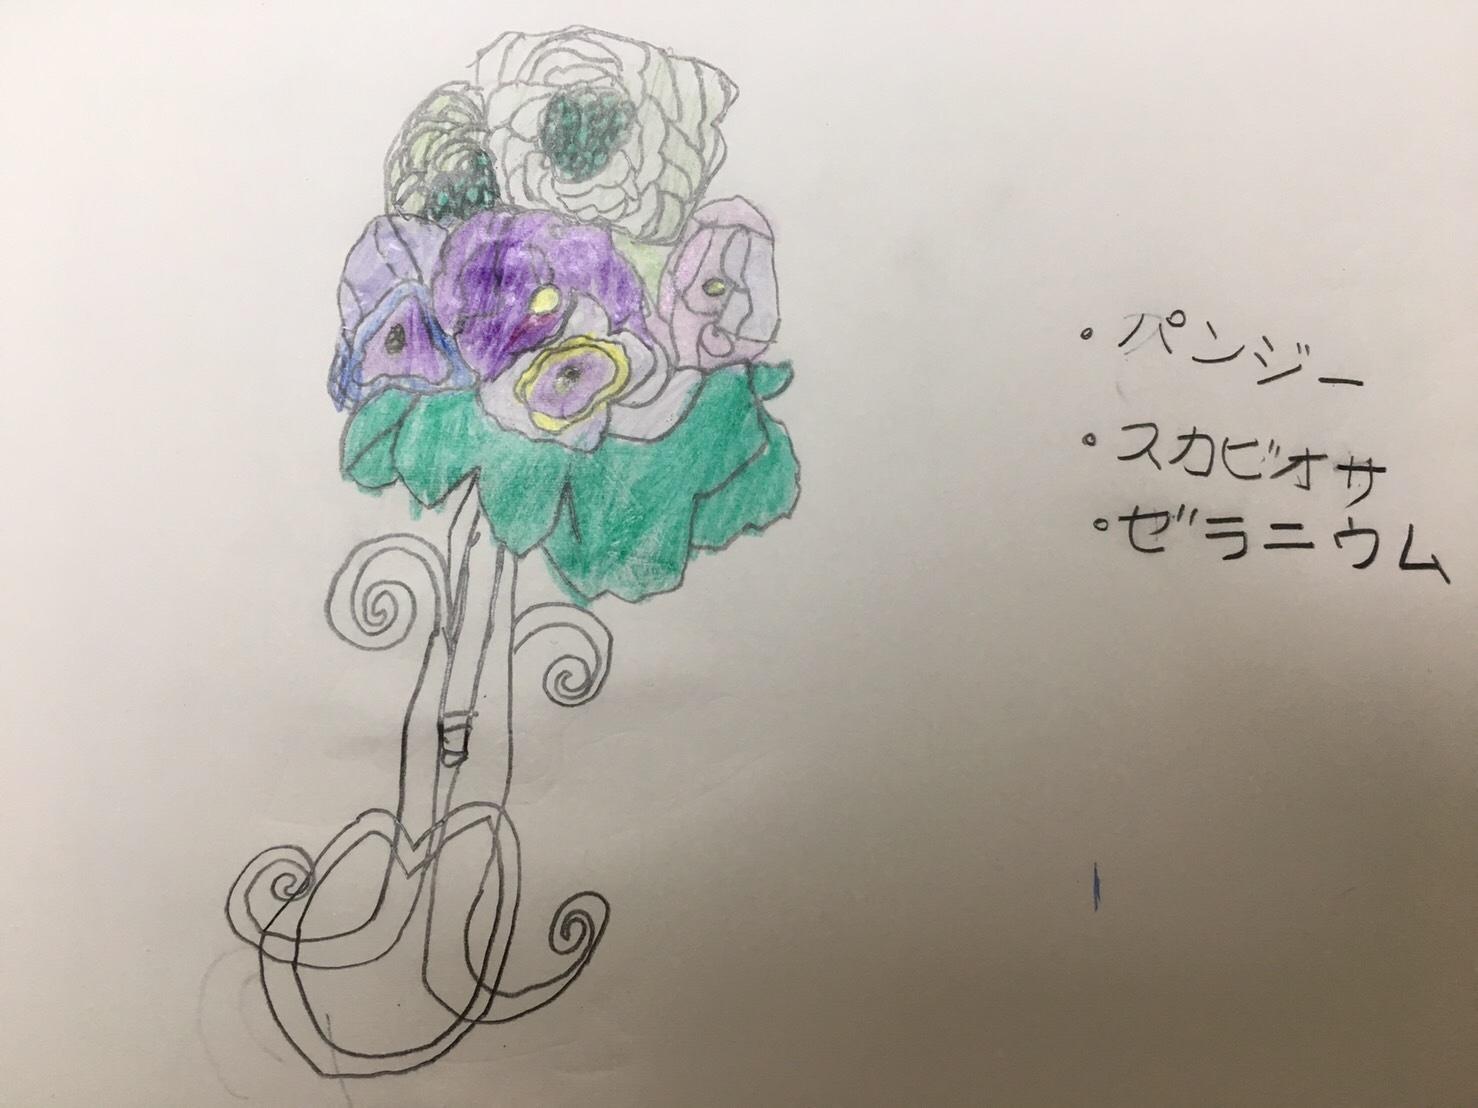 パリスタイル♡フラワーブーケレッスン(◍•◡•◍)♡♬_a0213806_19443363.jpg